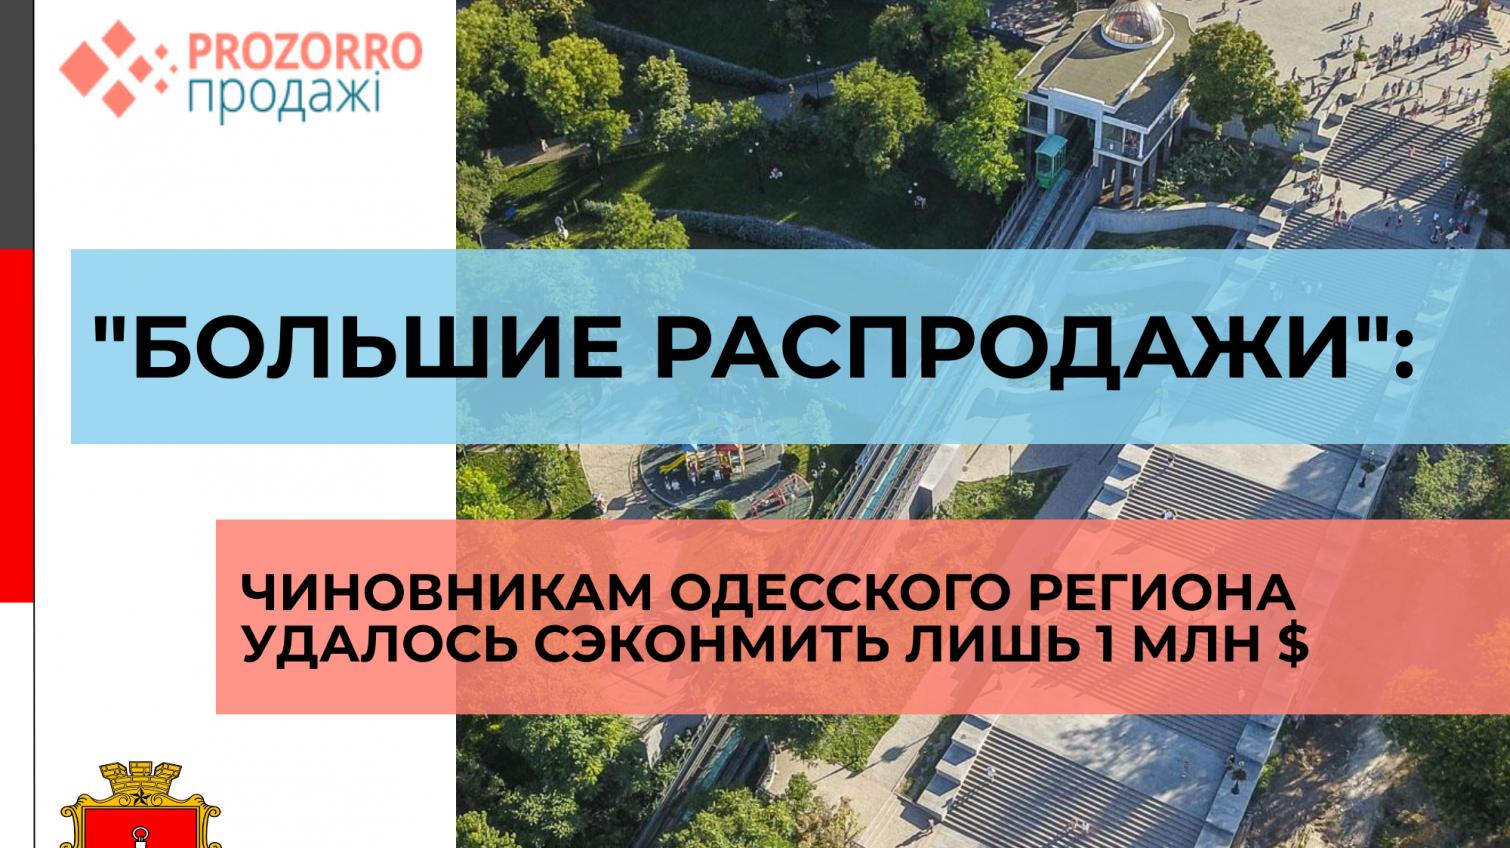 «Большие распродажи»: чиновникам Одесского региона удалось сэкономить лишь миллион долларов, оказавшись на 8 месте (инфографика) «фото»